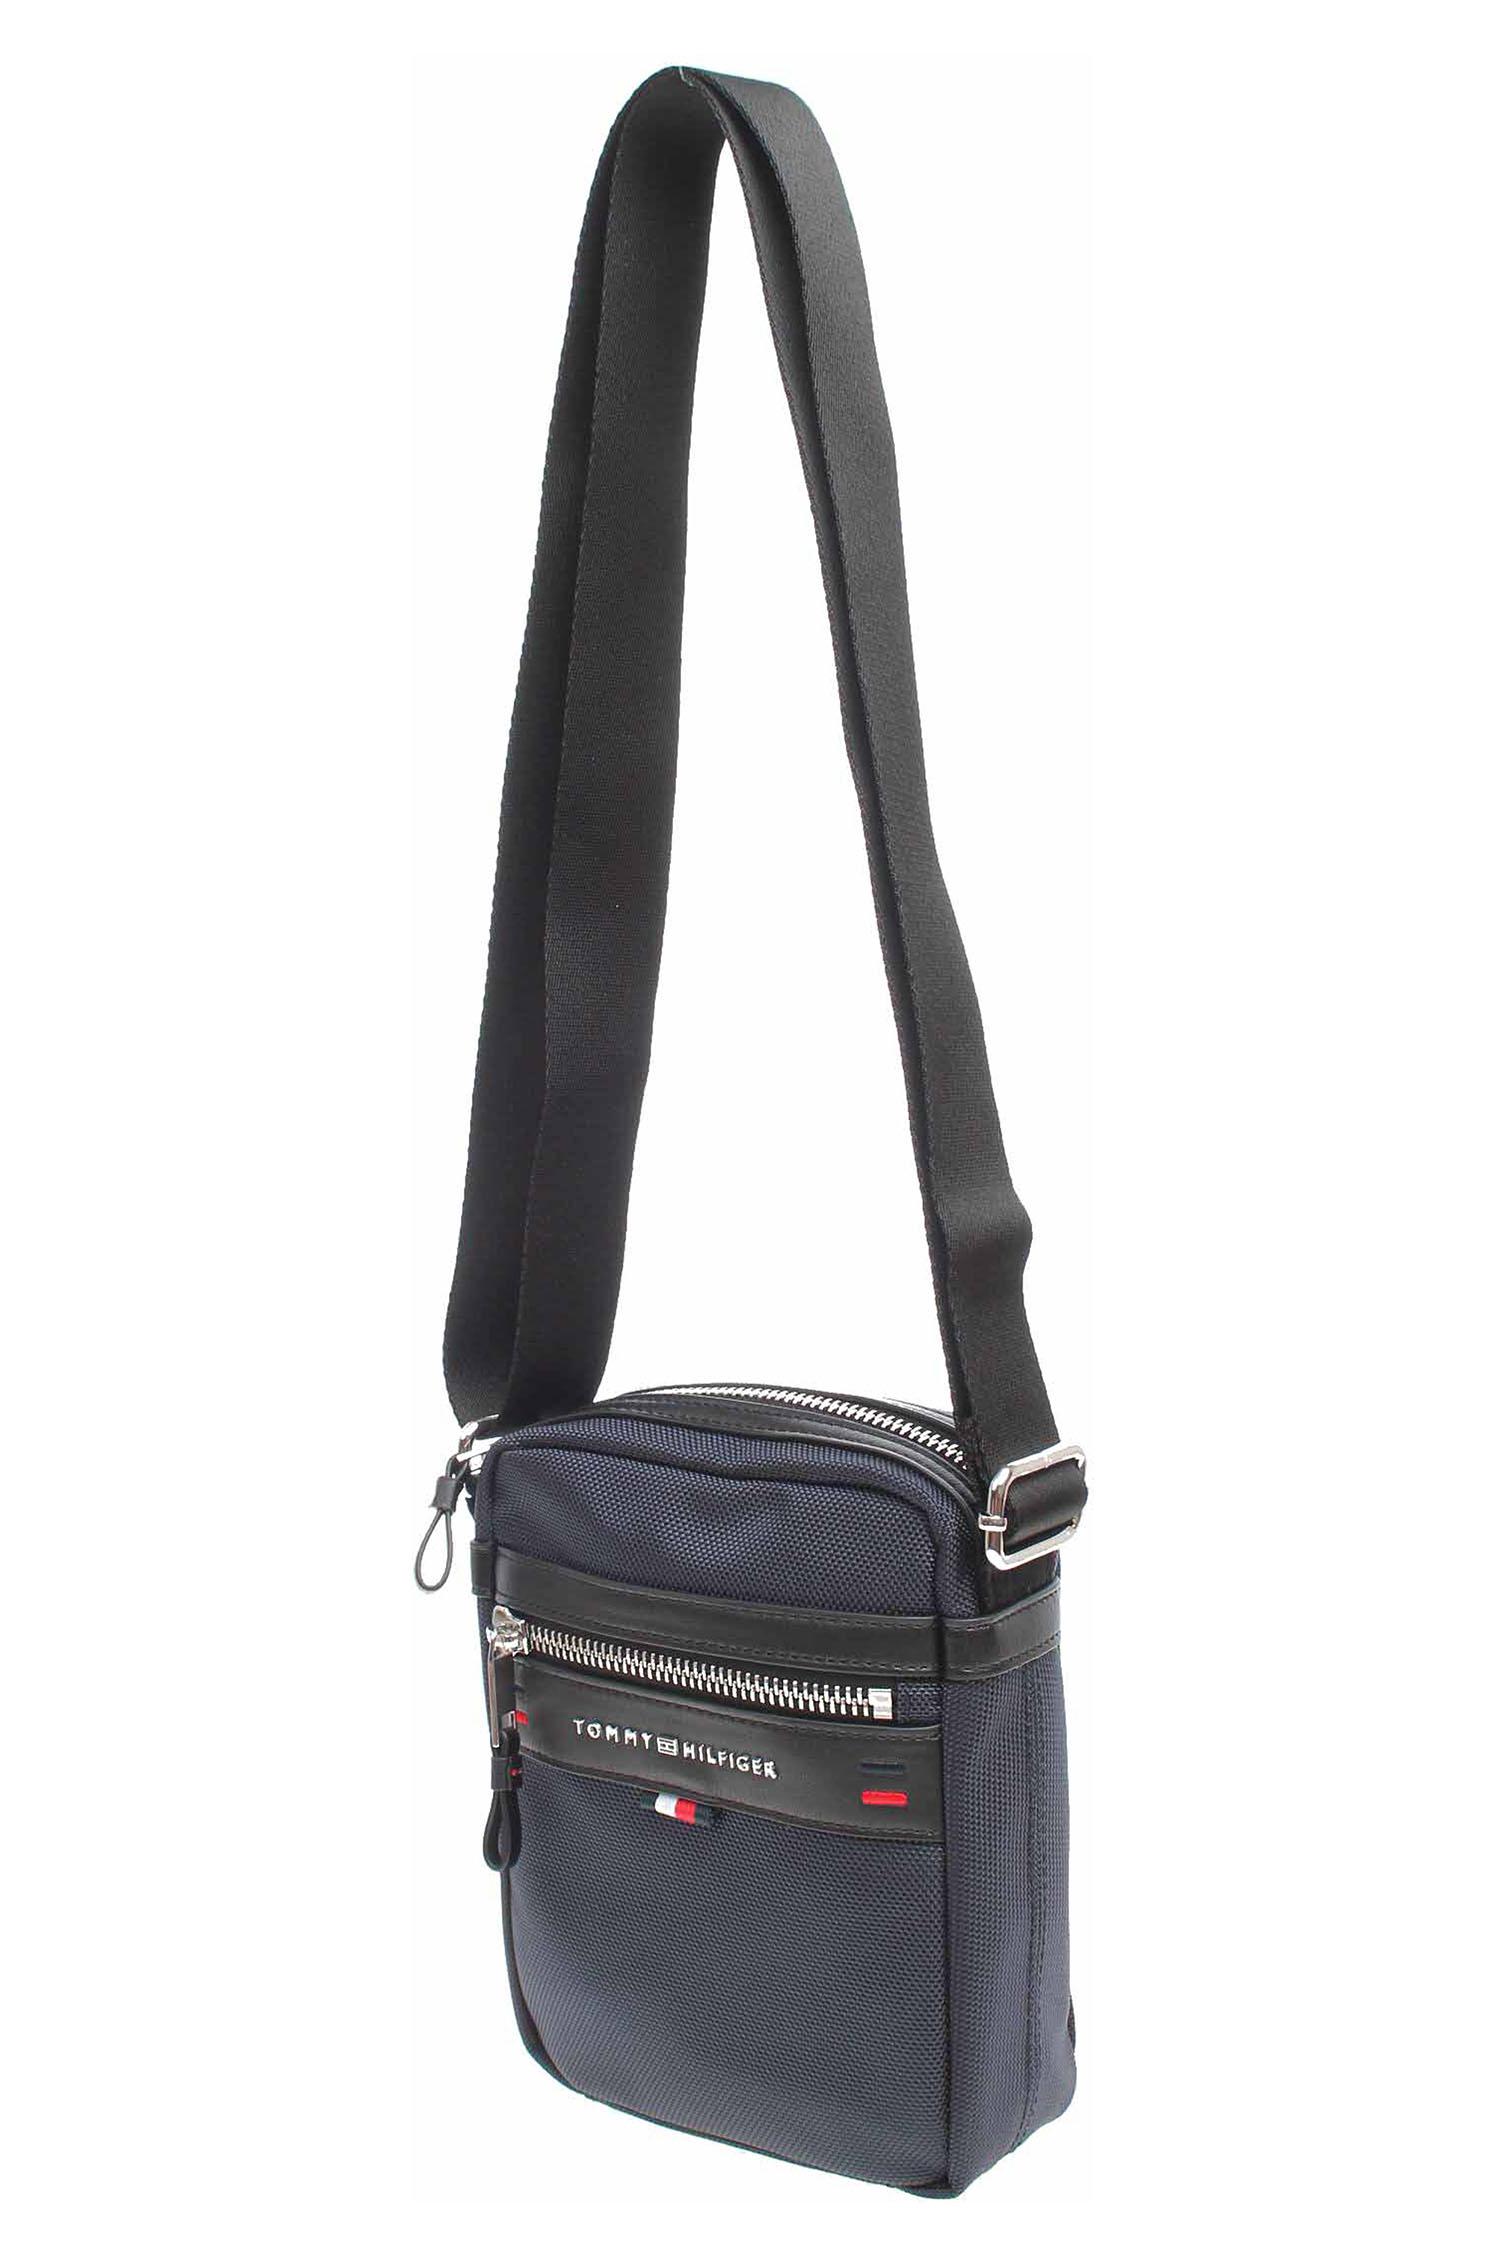 449688ee8c7 Tommy Hilfiger pánská taška AM0AM03186 tommy navy AM0AM03186 413 ...